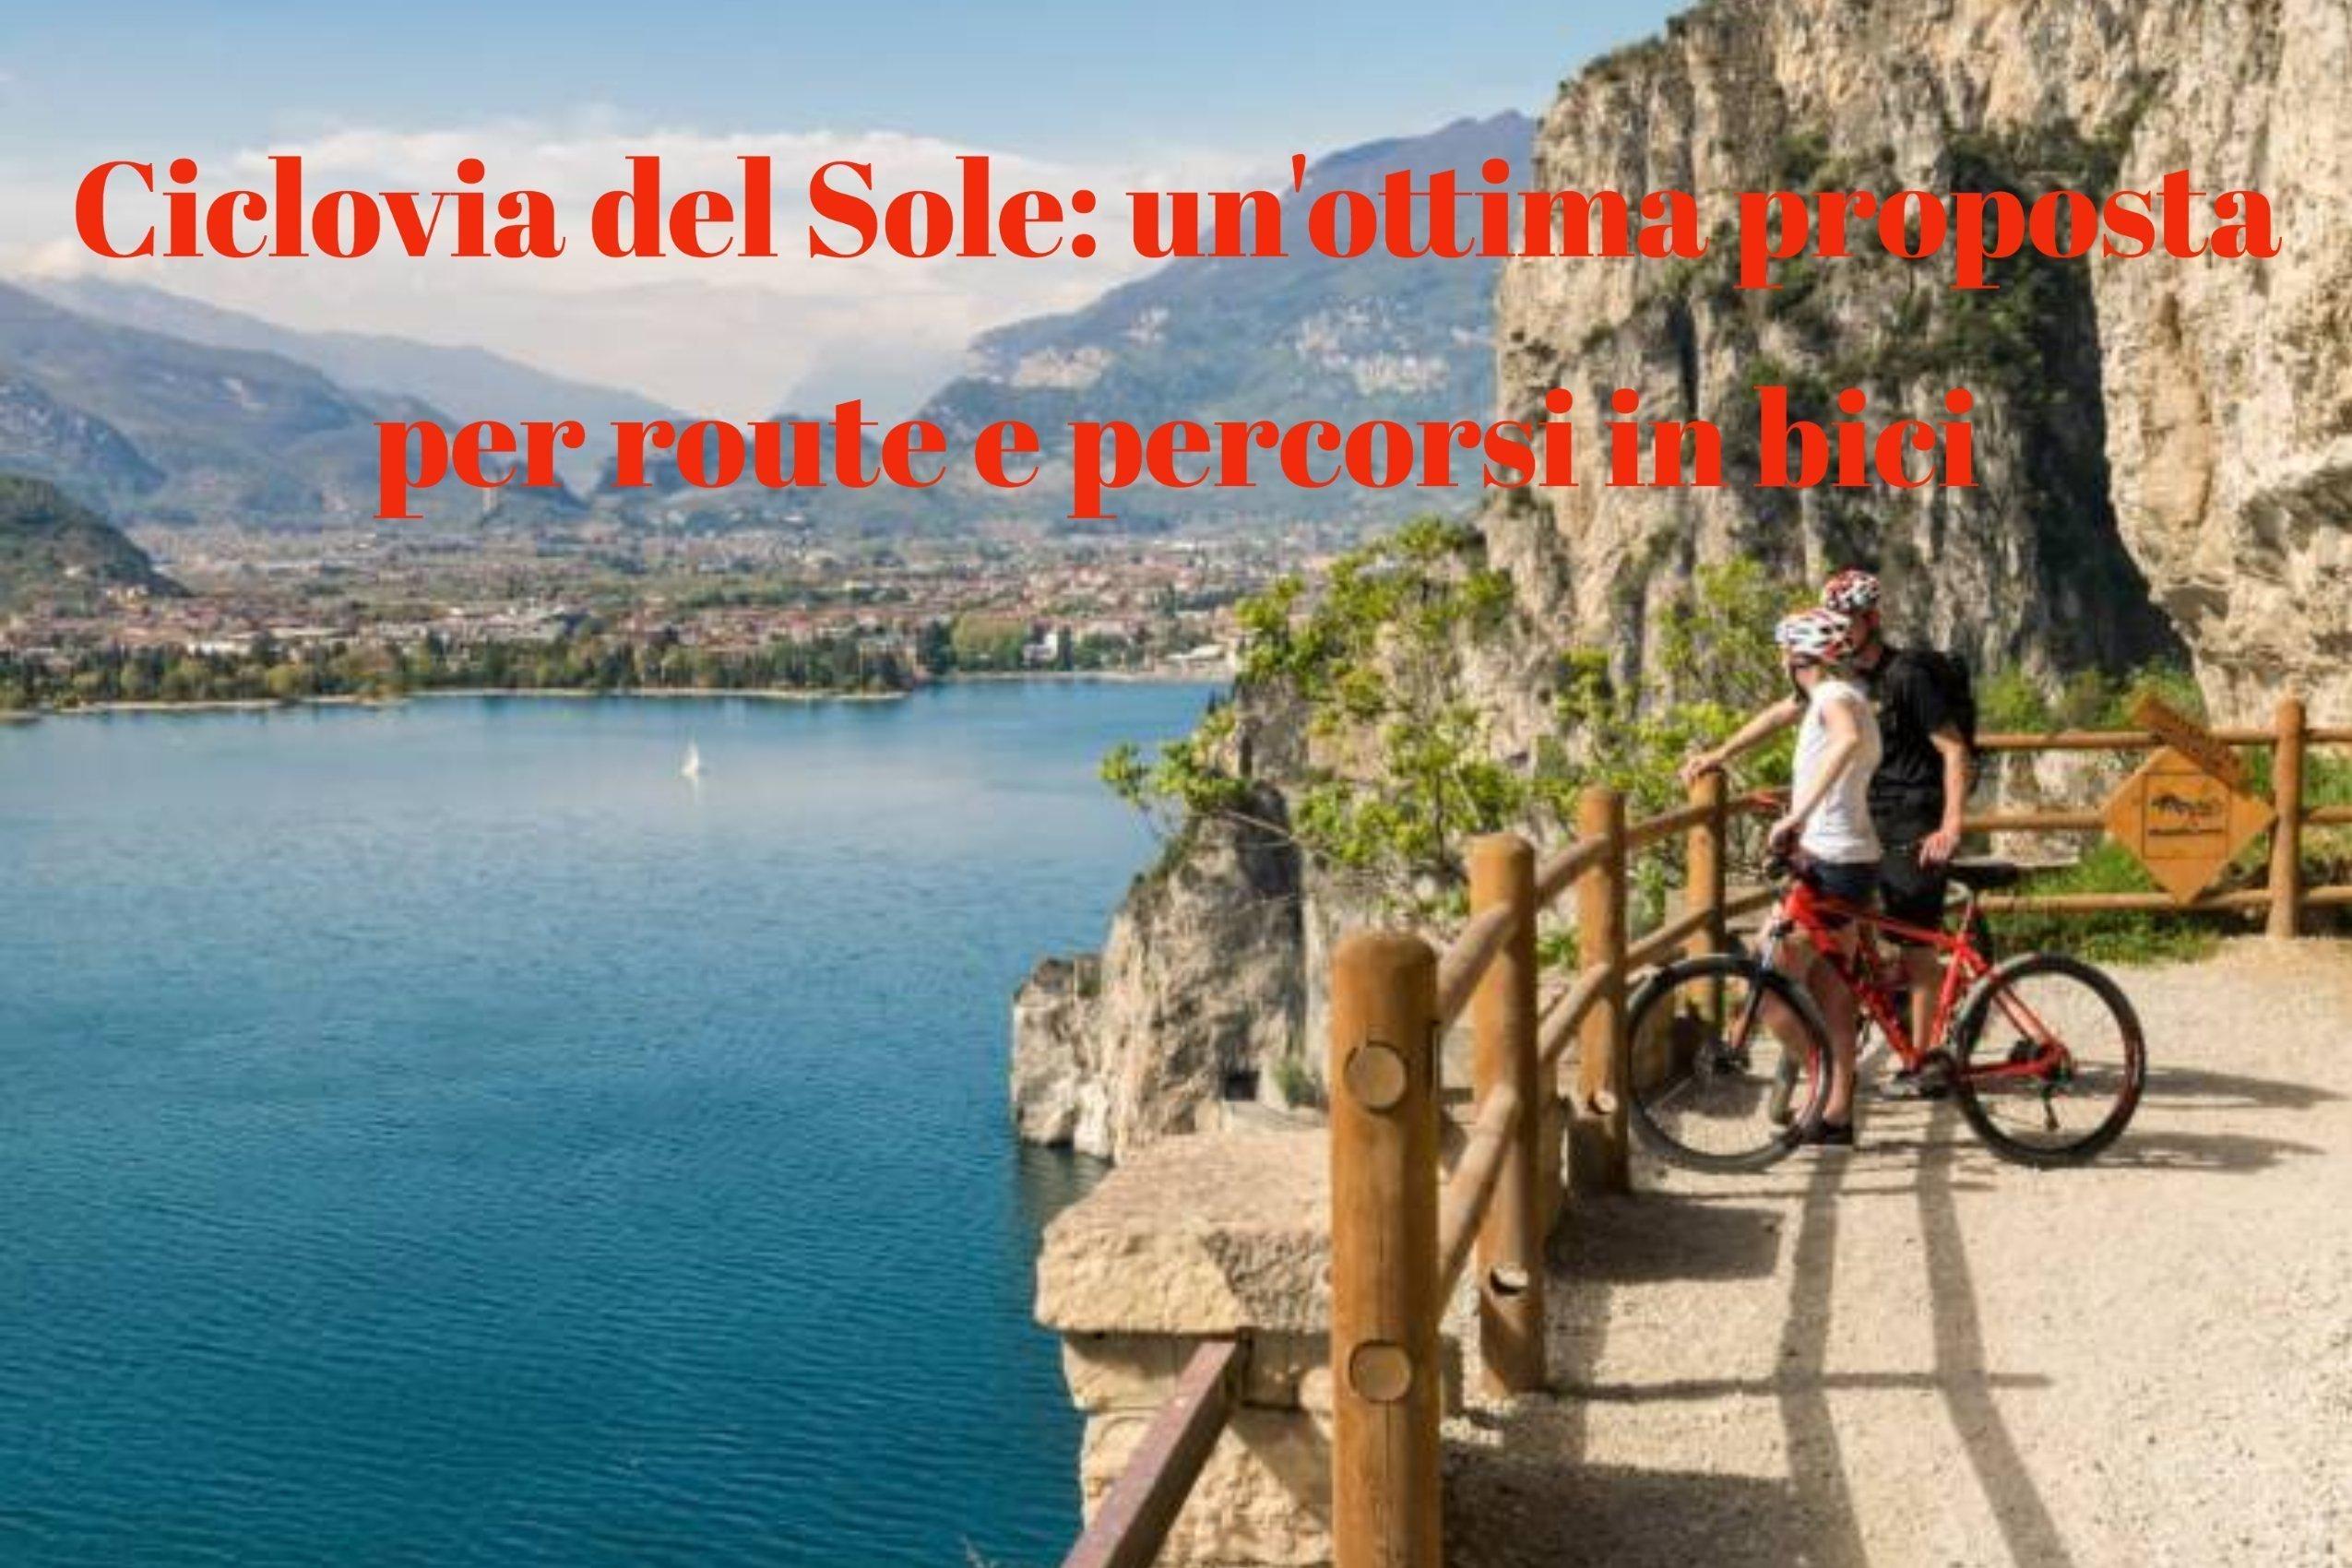 Ciclovia del Sole: percorso cicloturistico anche per scout e clan